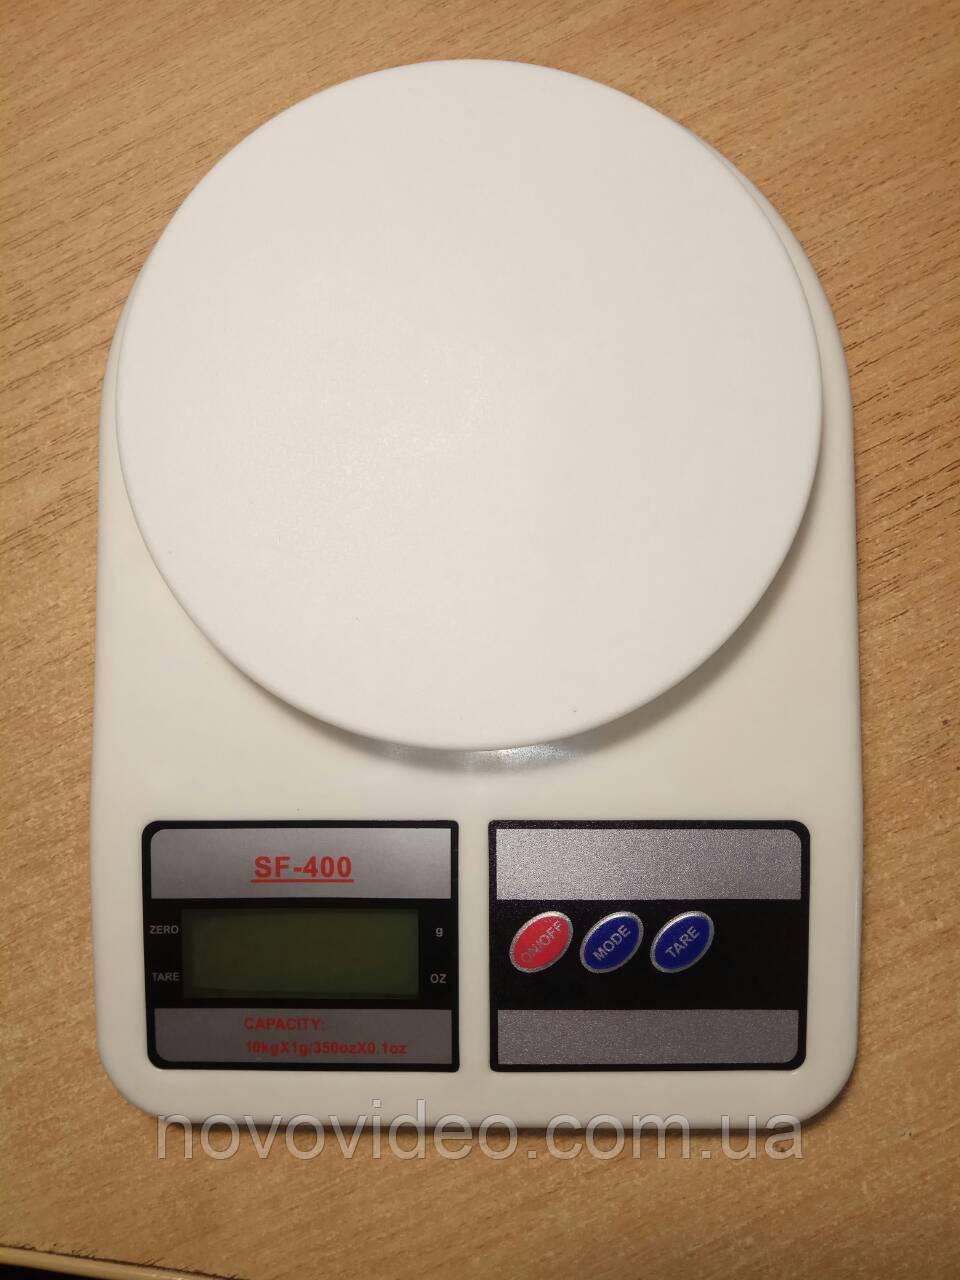 Ваги цифрові для кухні, побутові SF-400 до 10 кг